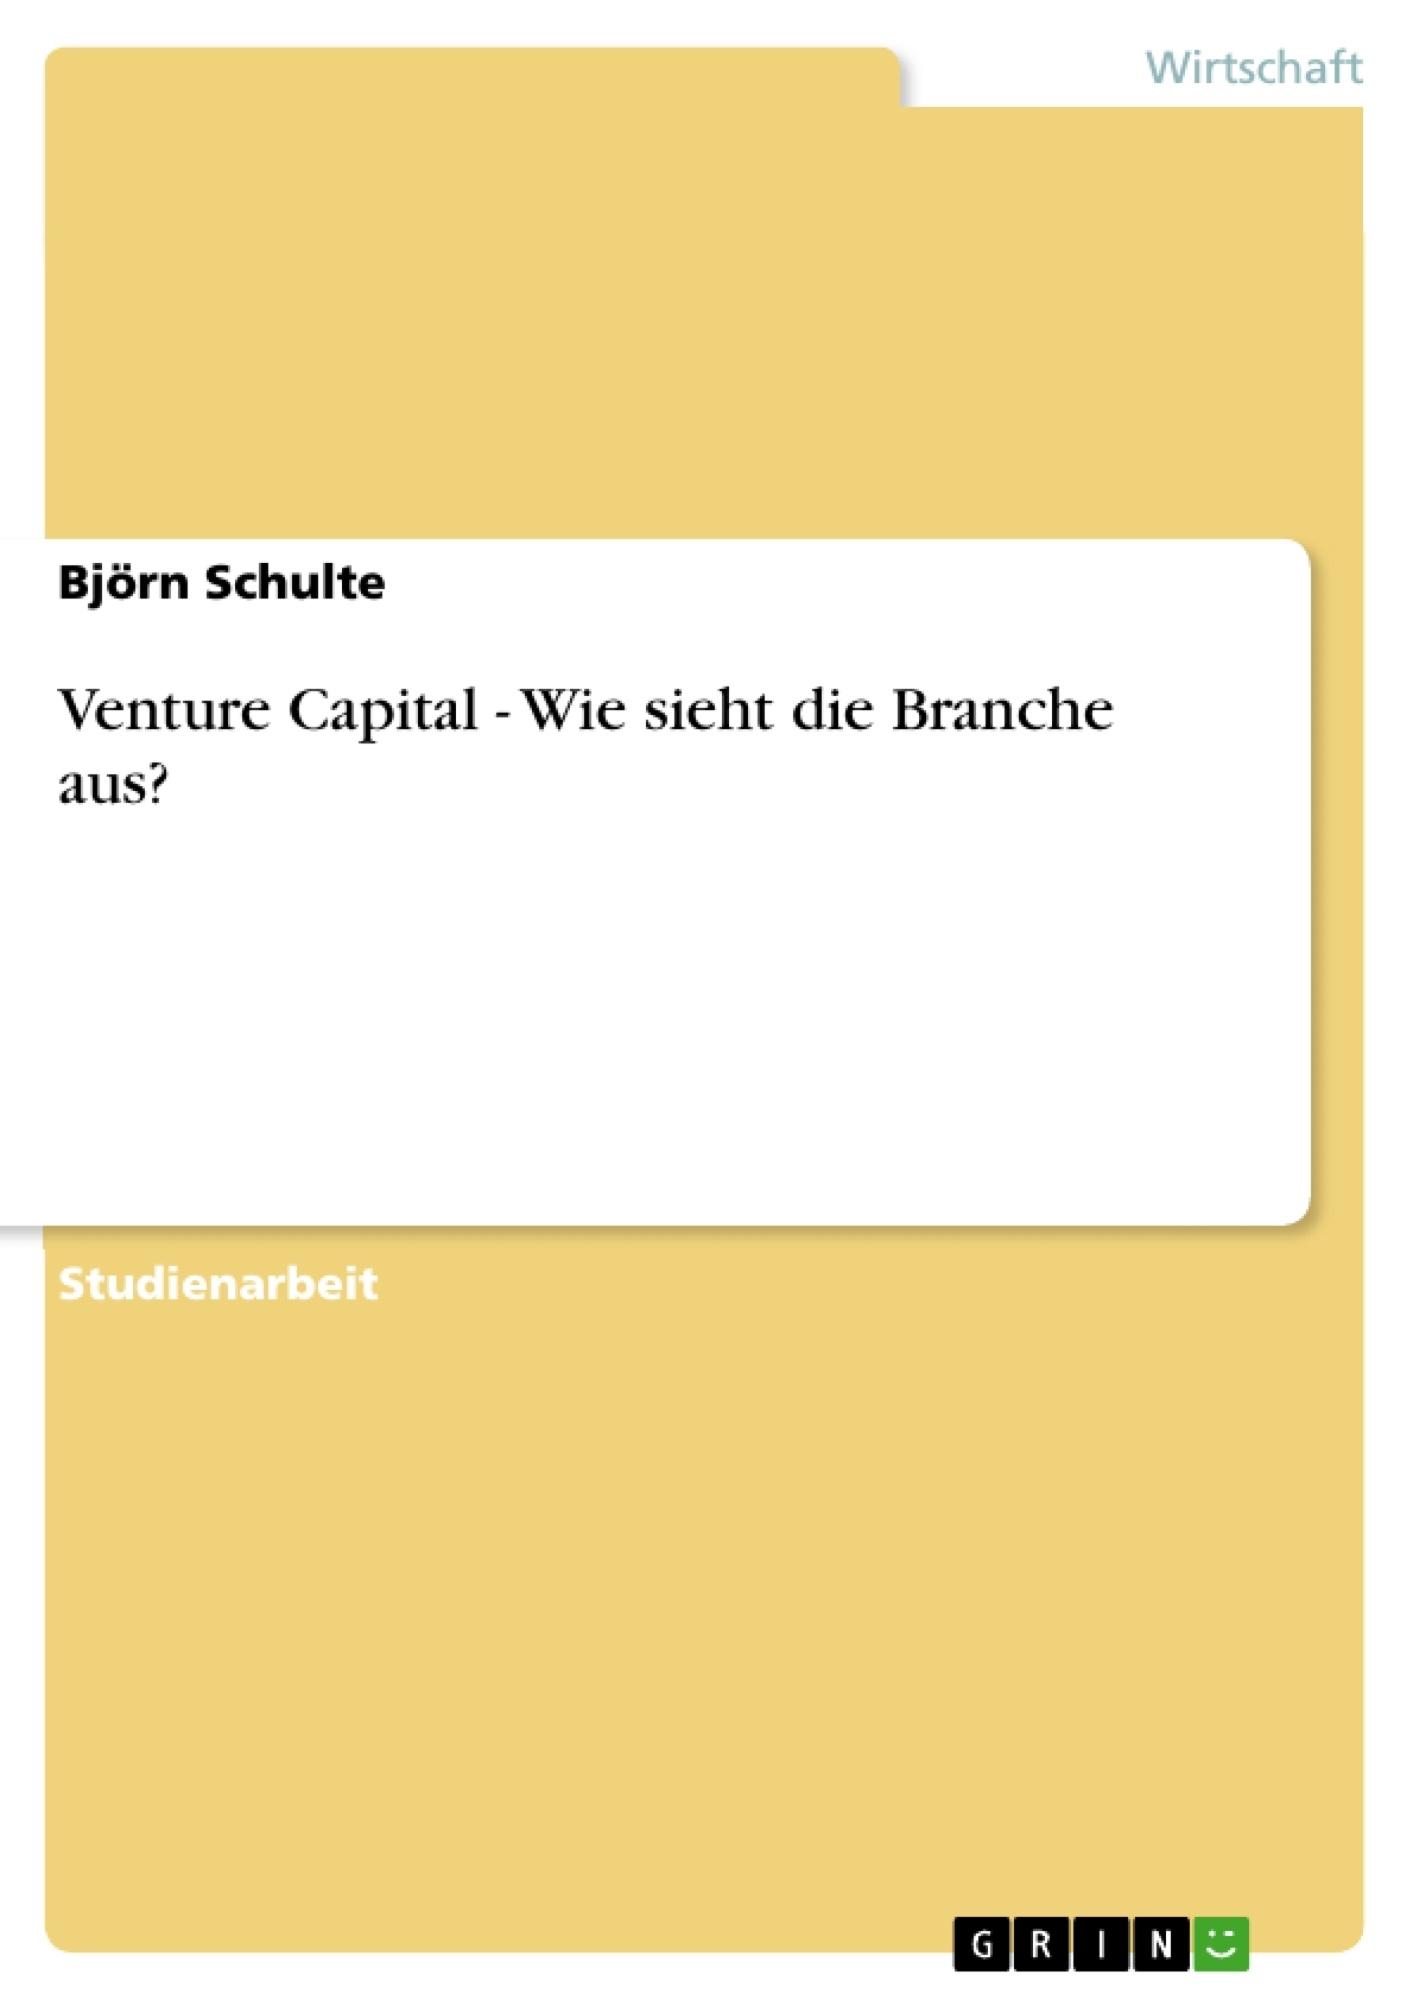 Titel: Venture Capital - Wie sieht die Branche aus?